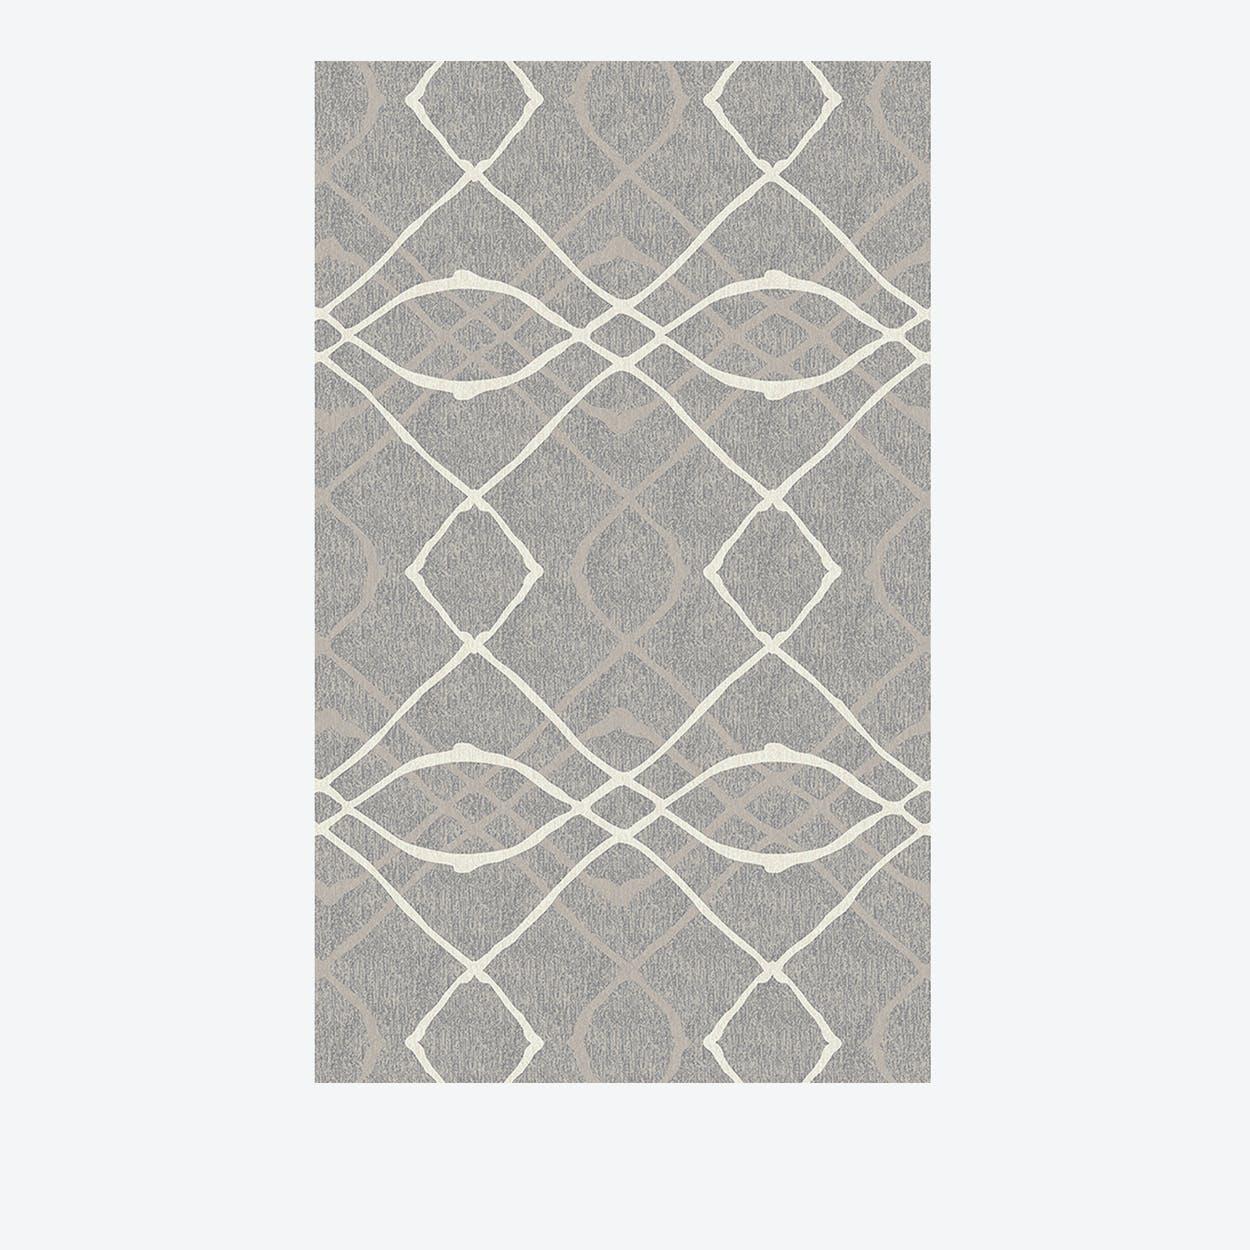 Amara Rug in Grey